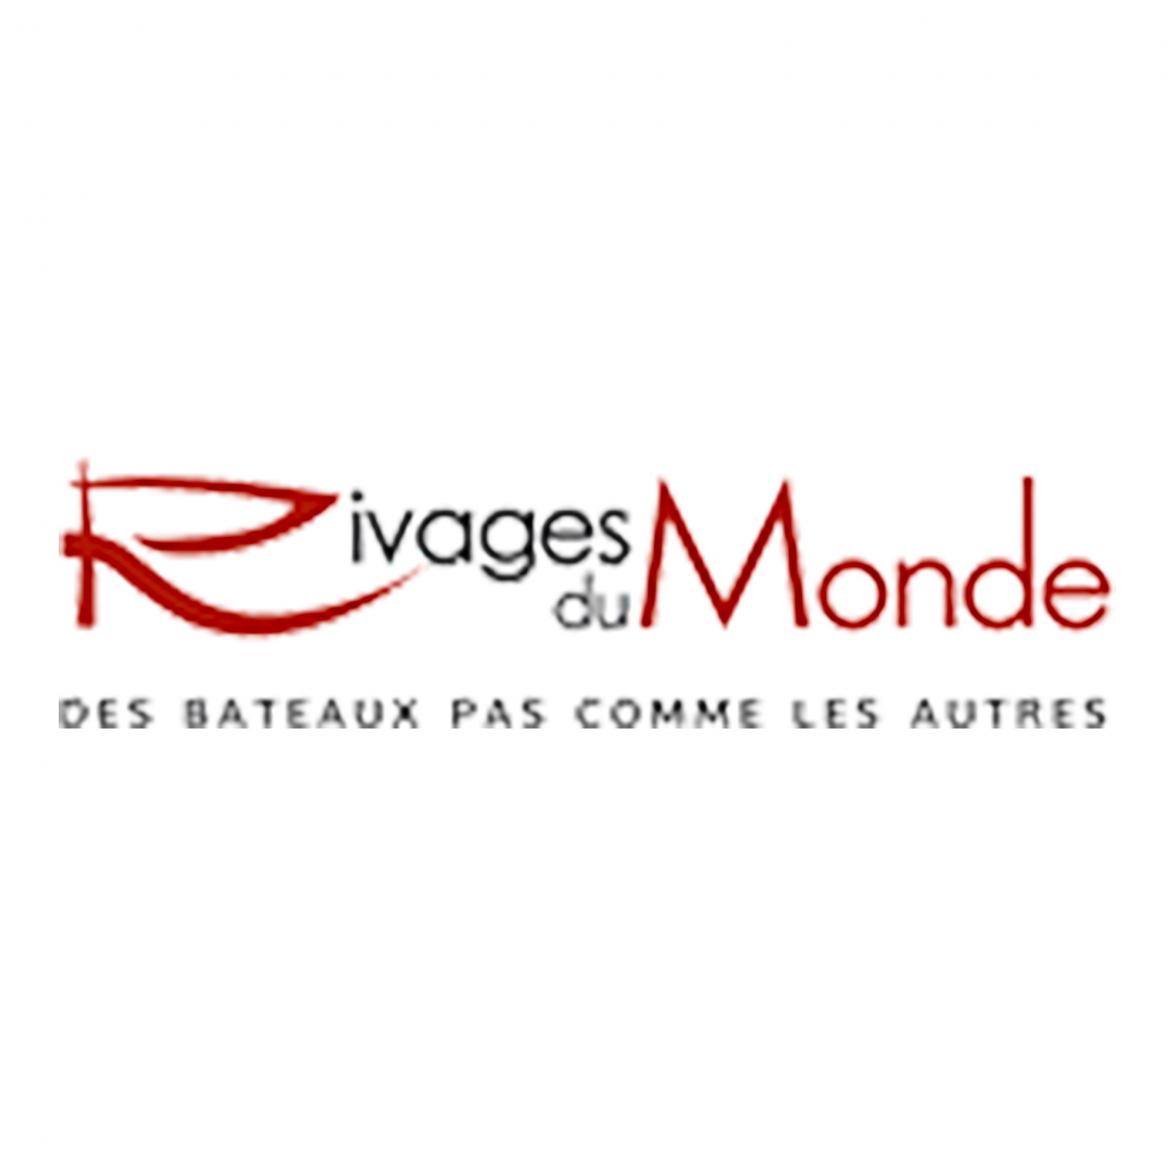 Angèle Von kiss - Mes clients - Rivages du Monde